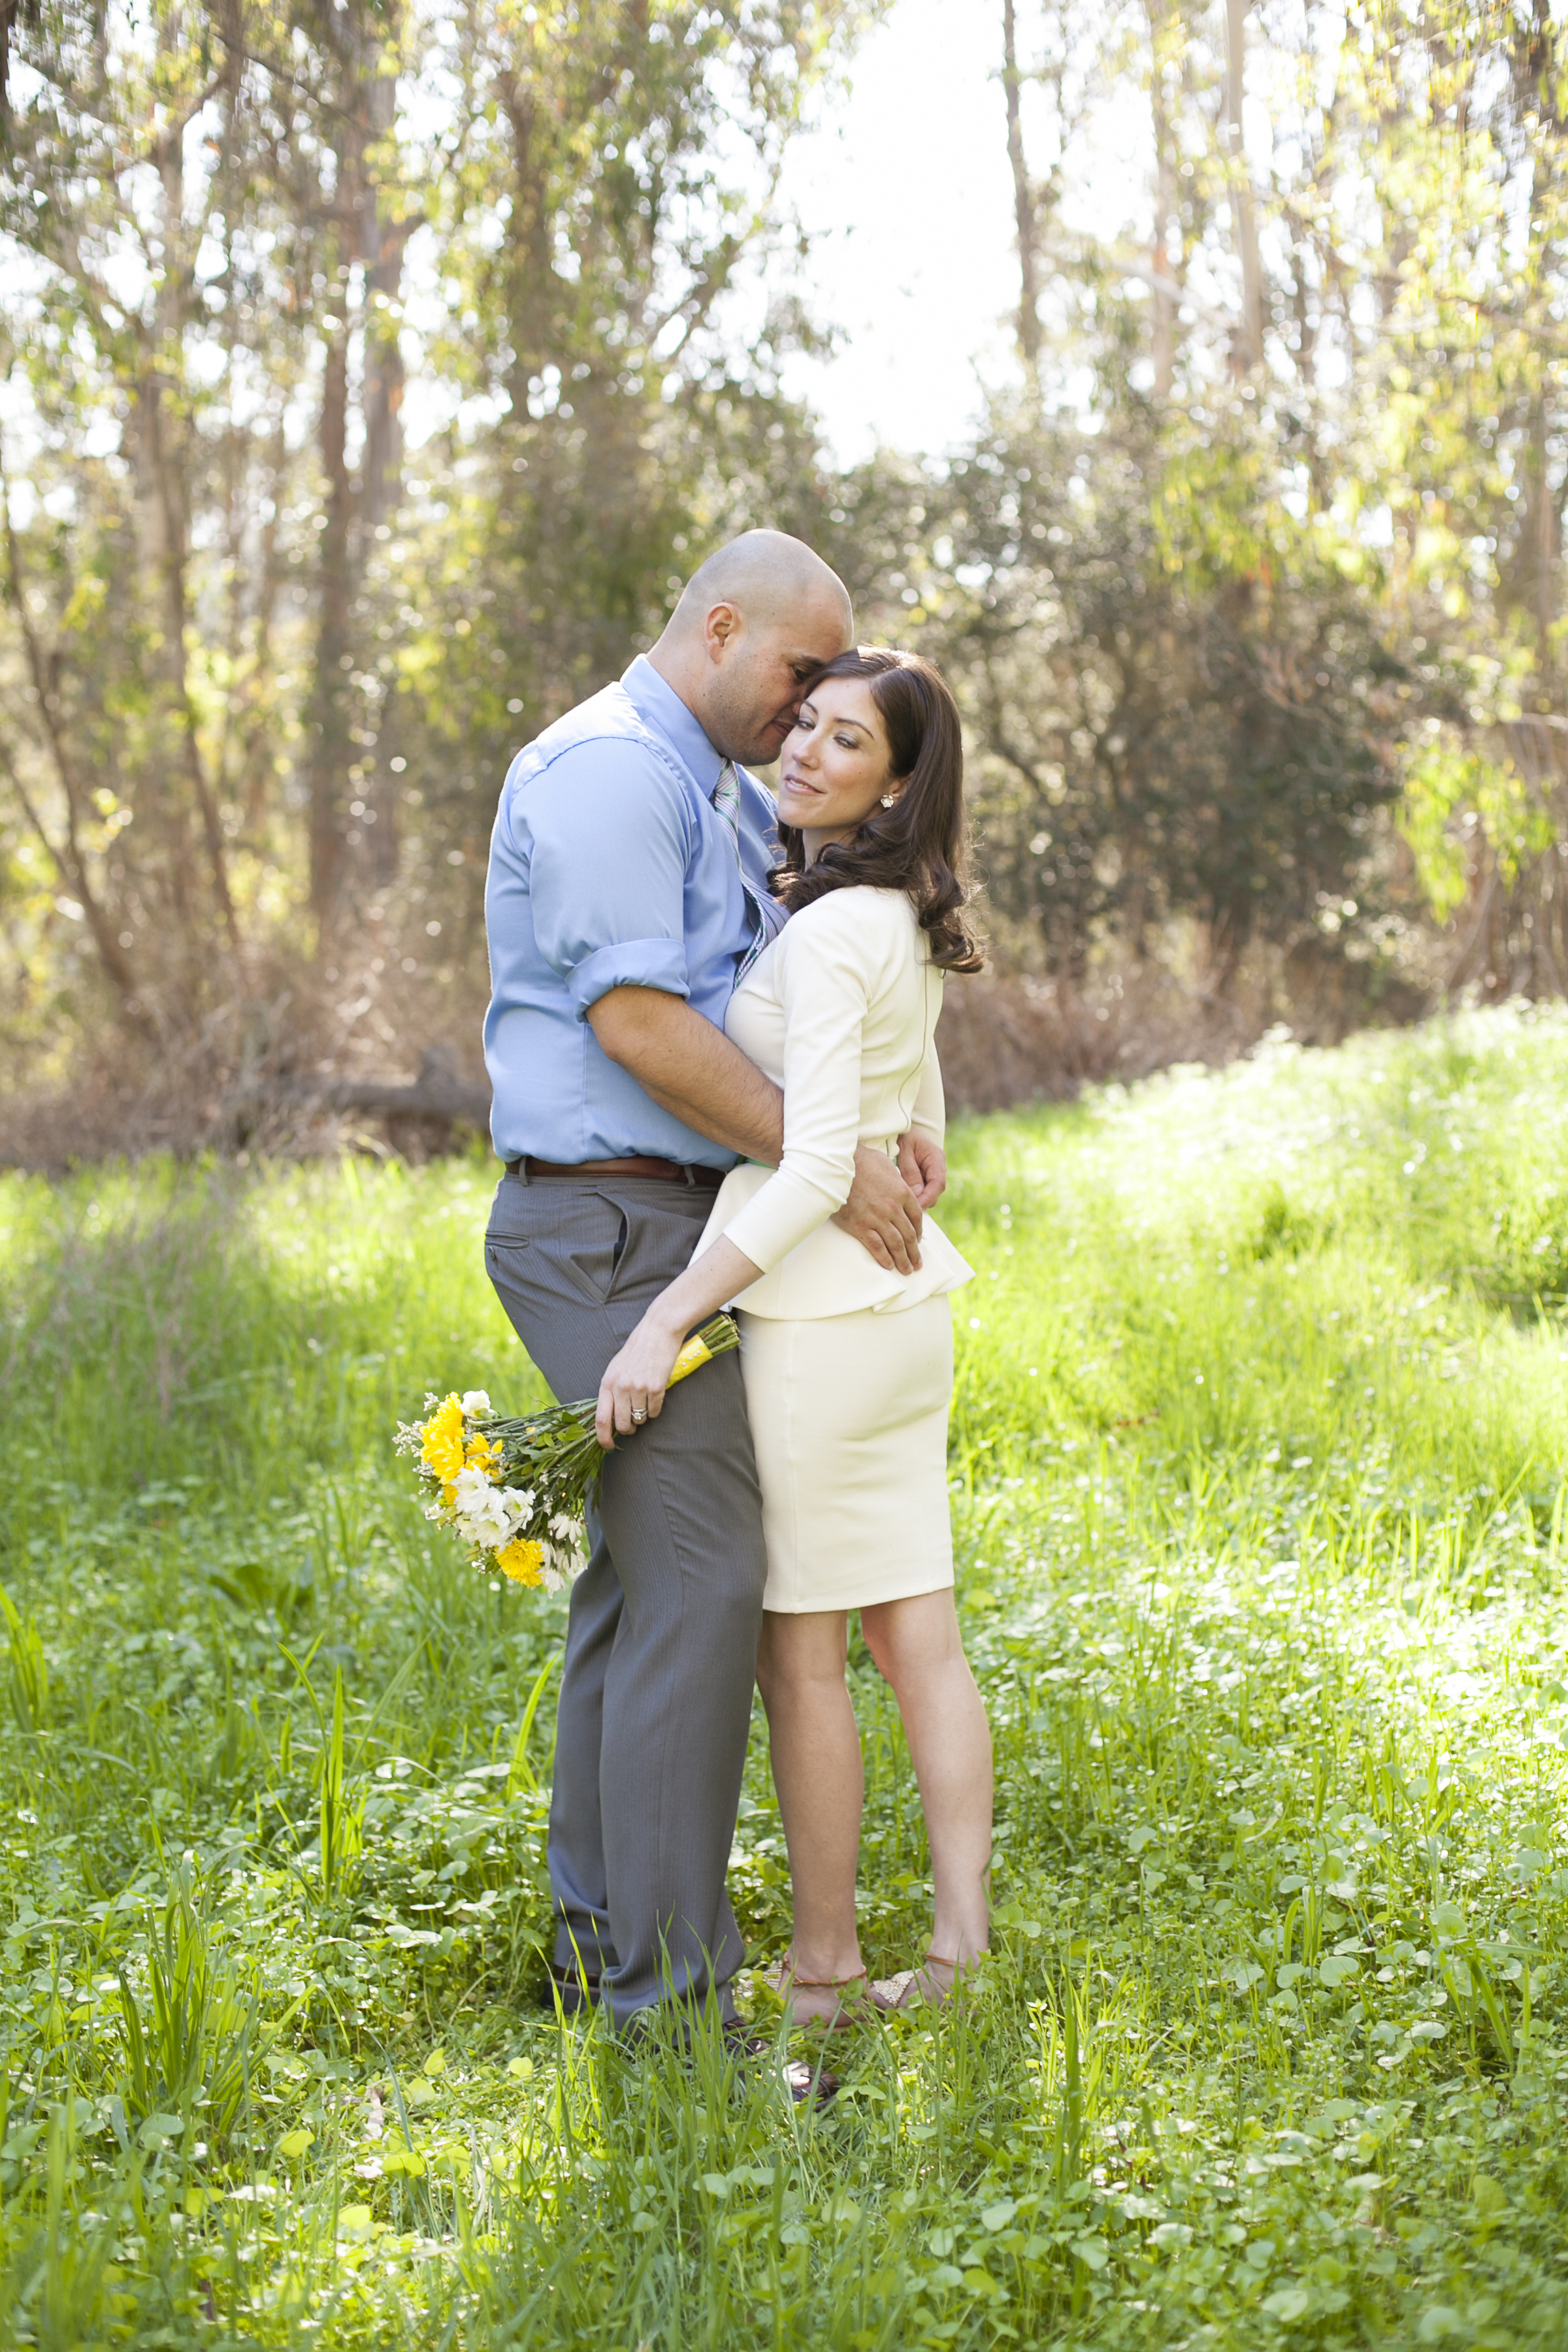 Tilden Park Berkeley Wedding Photographer-Meo Baaklini069.jpg